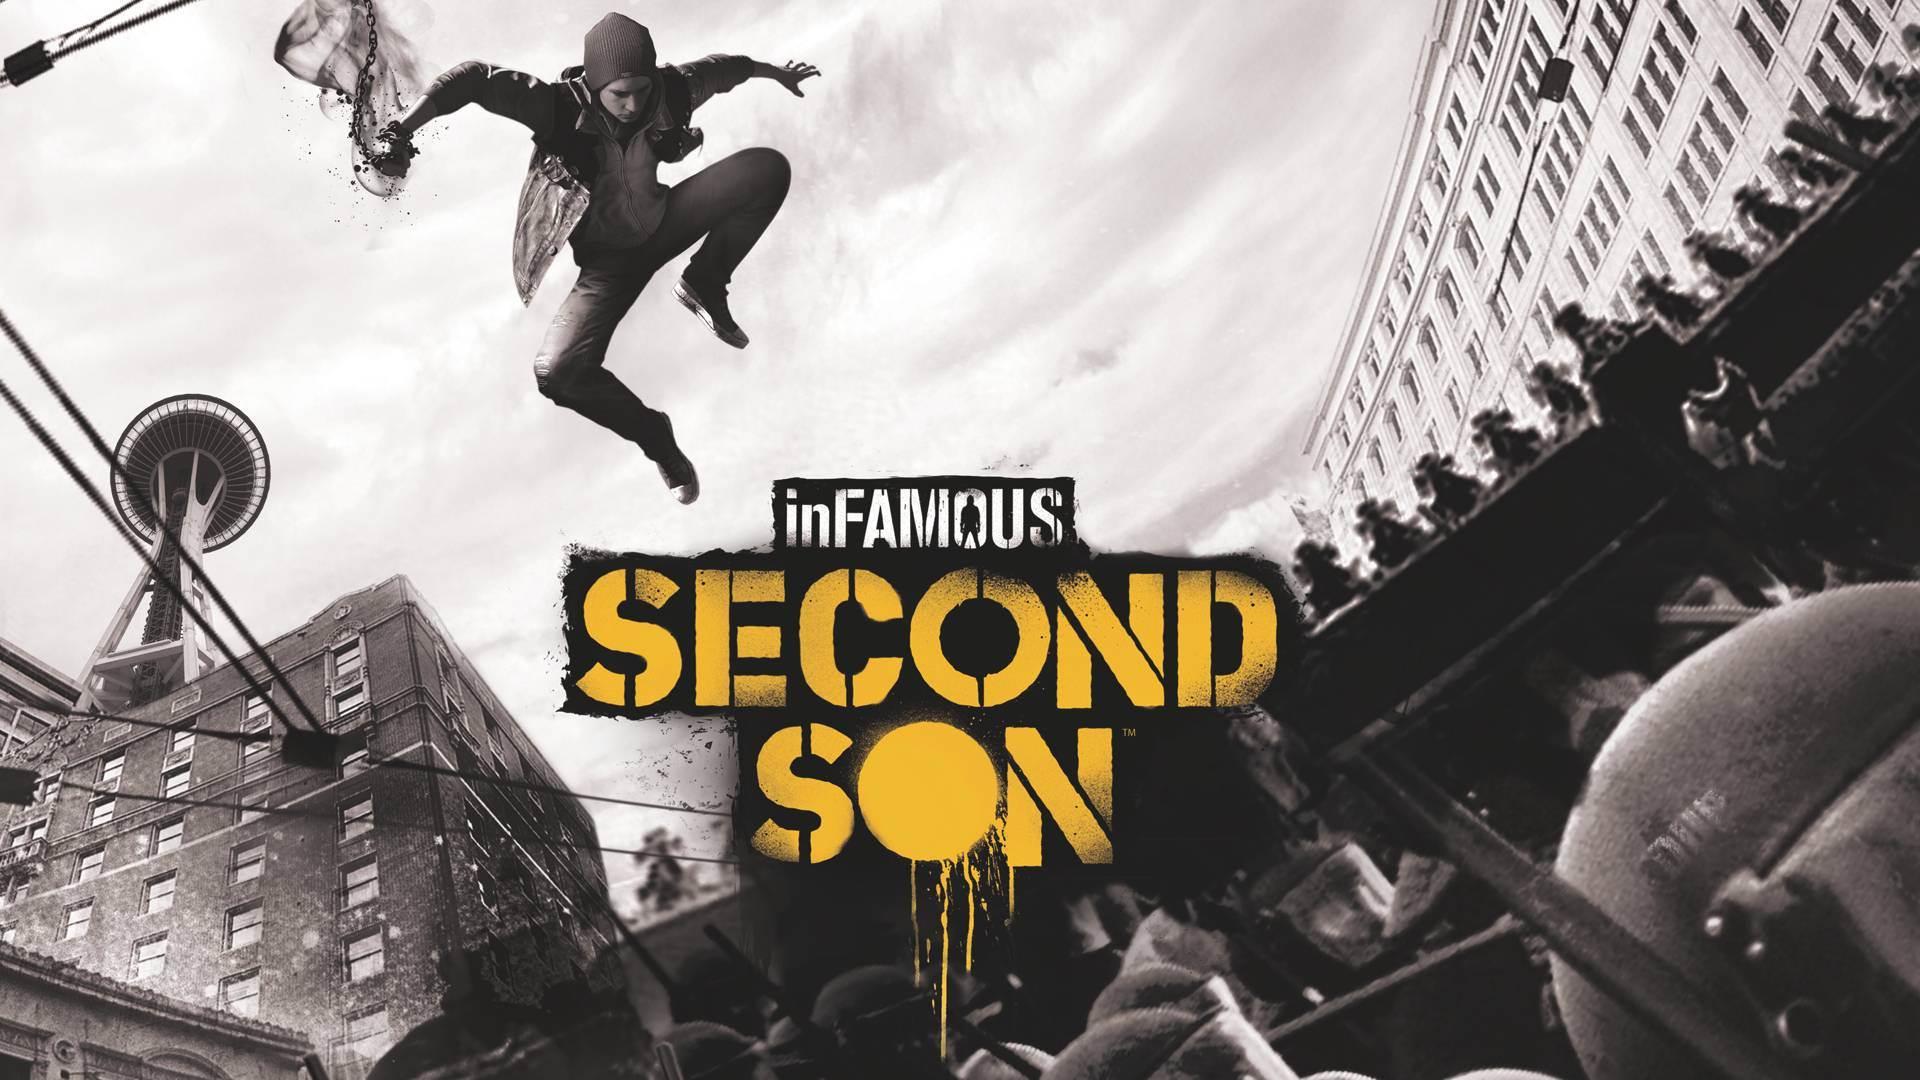 Sony Lanza El Juego Infamous Second Son Para Ps4 Enretail